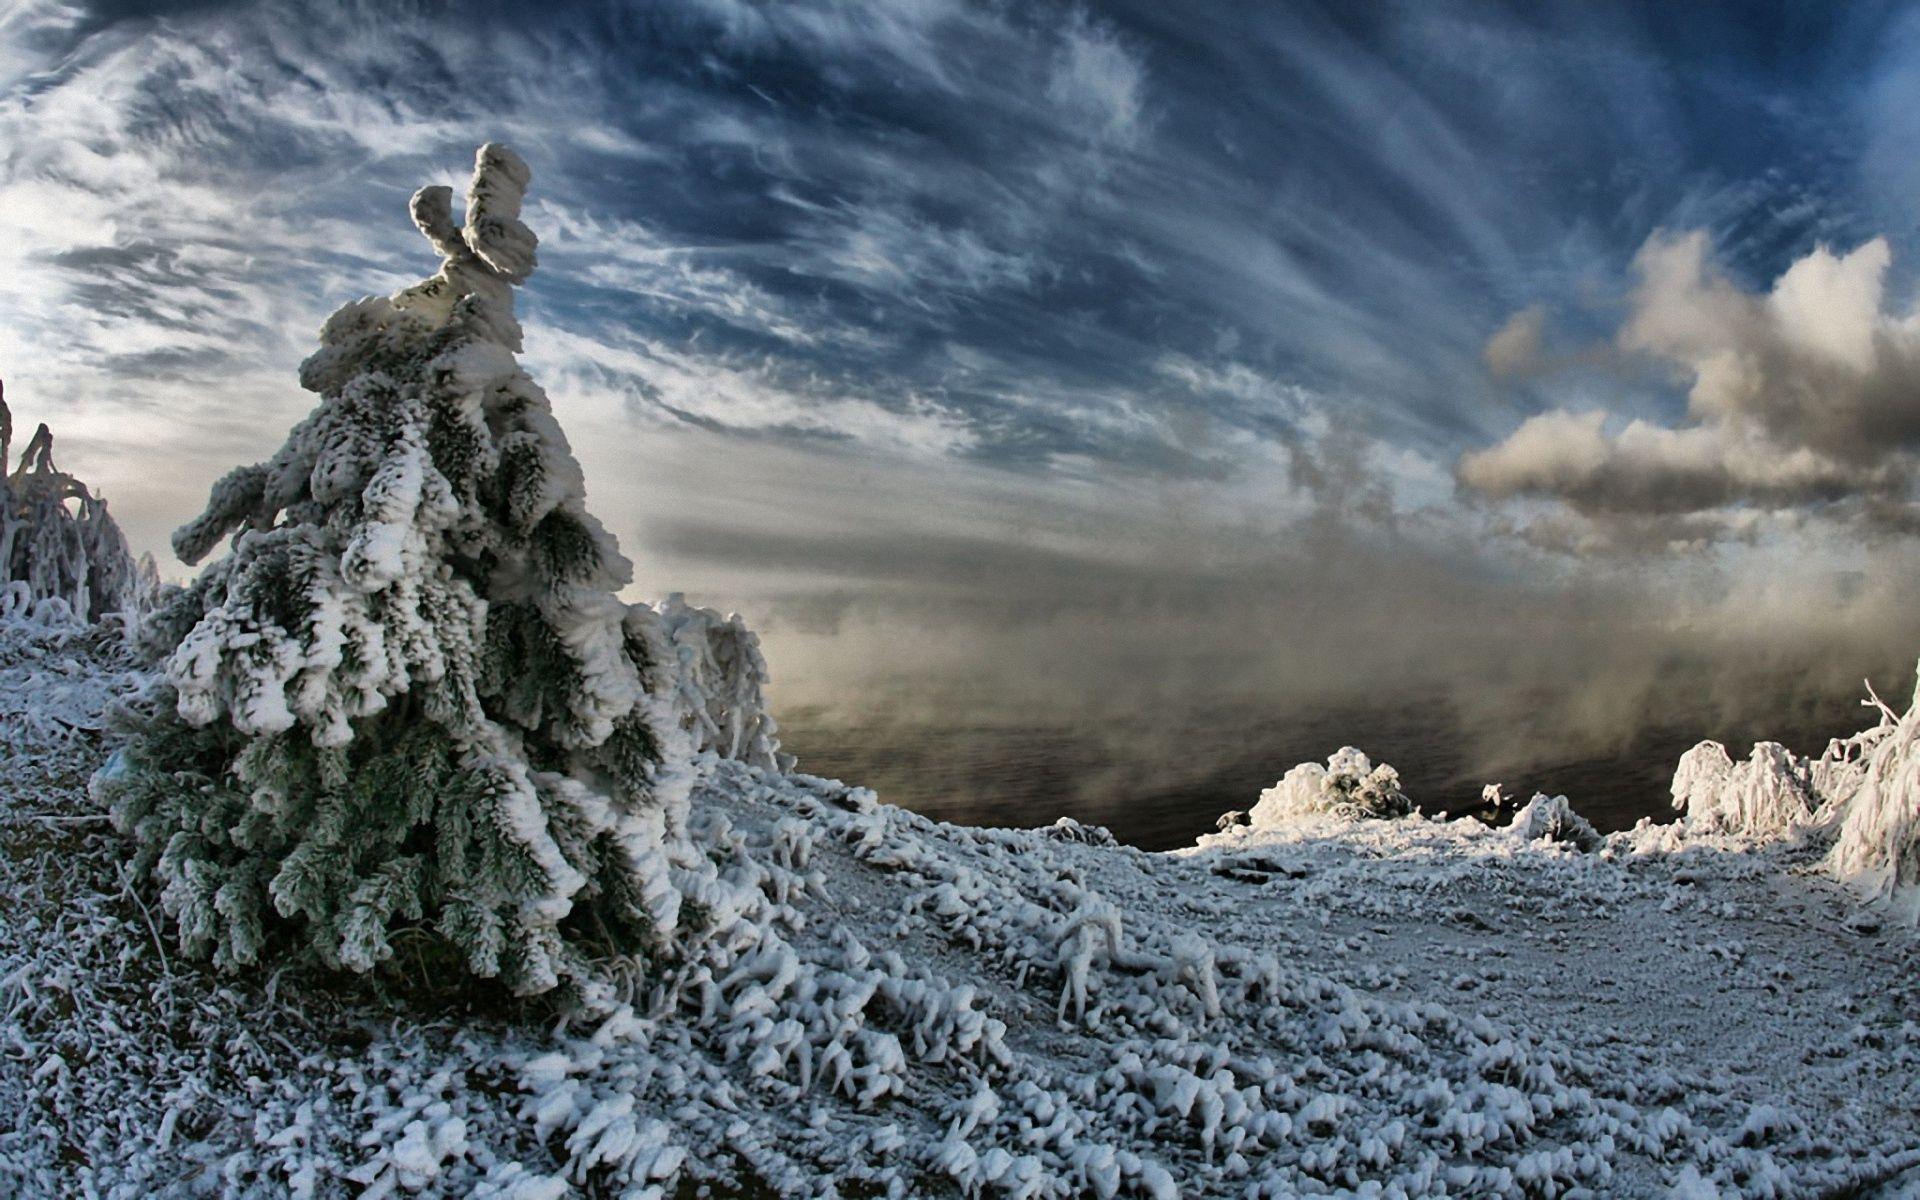 81485 скачать обои Природа, Ель, Снег, Тяжесть, Небо, Облака, Чернота, Пар, Зима - заставки и картинки бесплатно